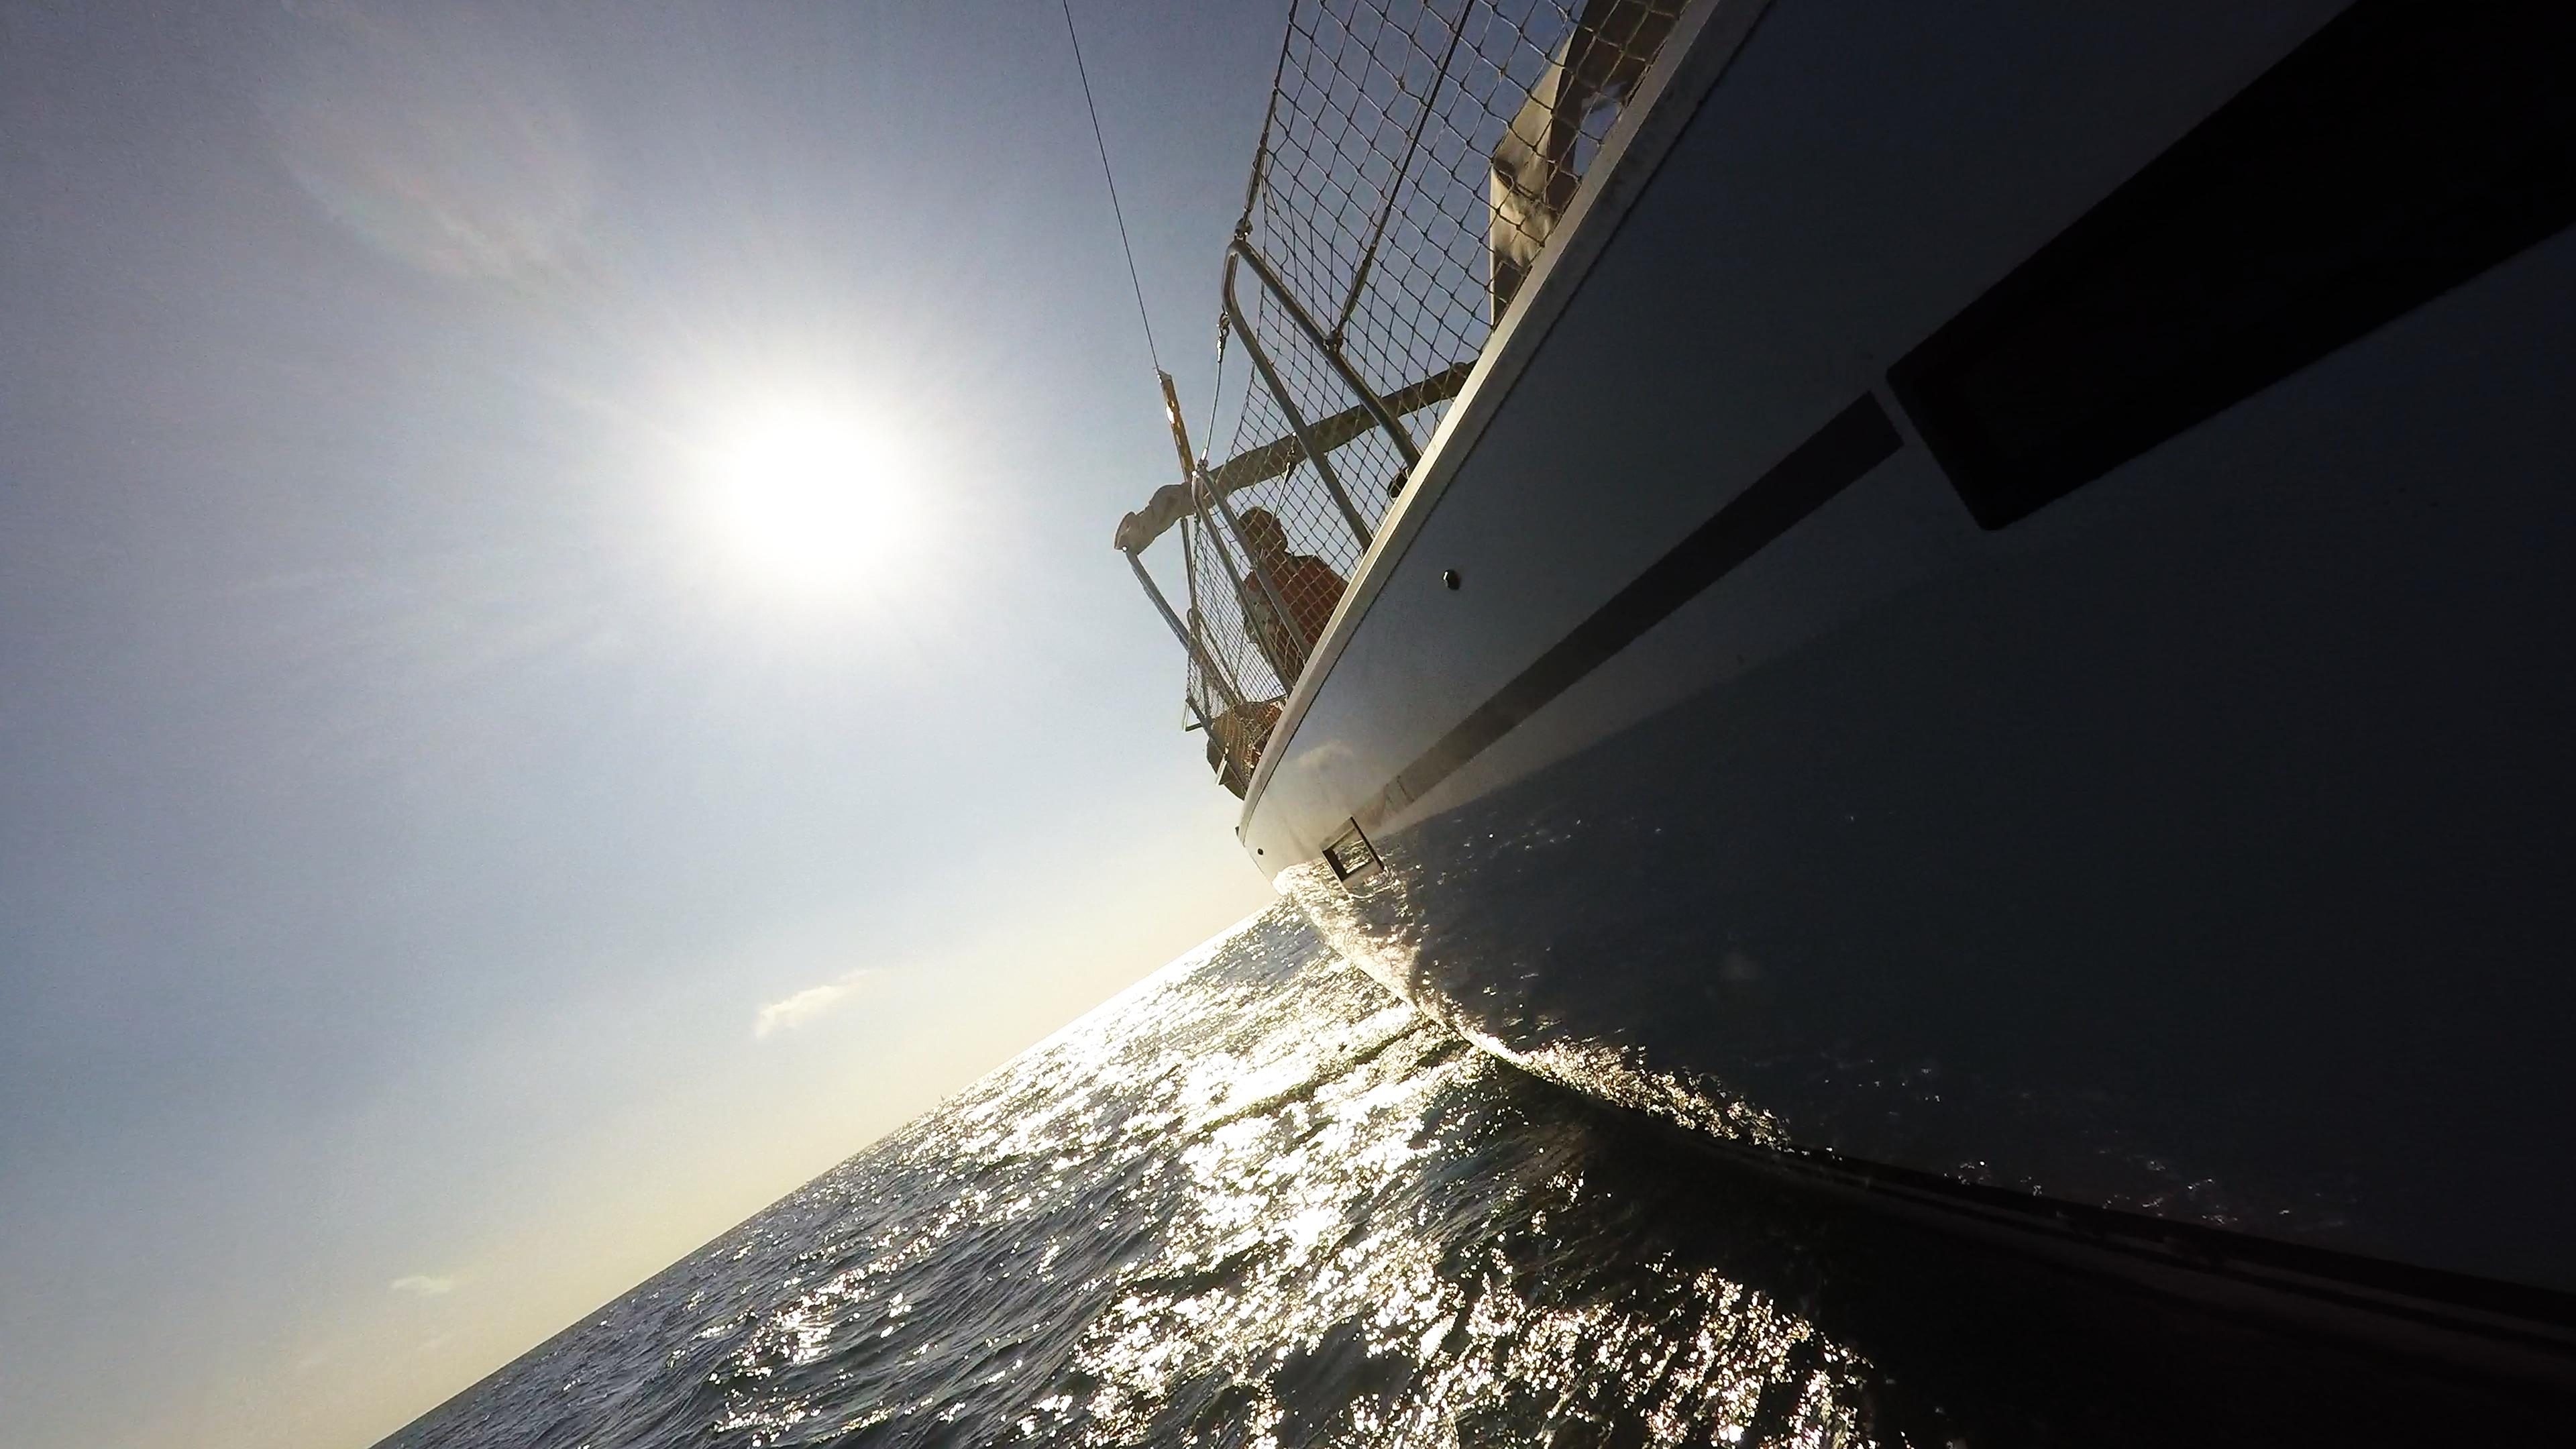 barcha a vela yacht a vela lato ventoow skipper scafo rete di sicurezza sole mare